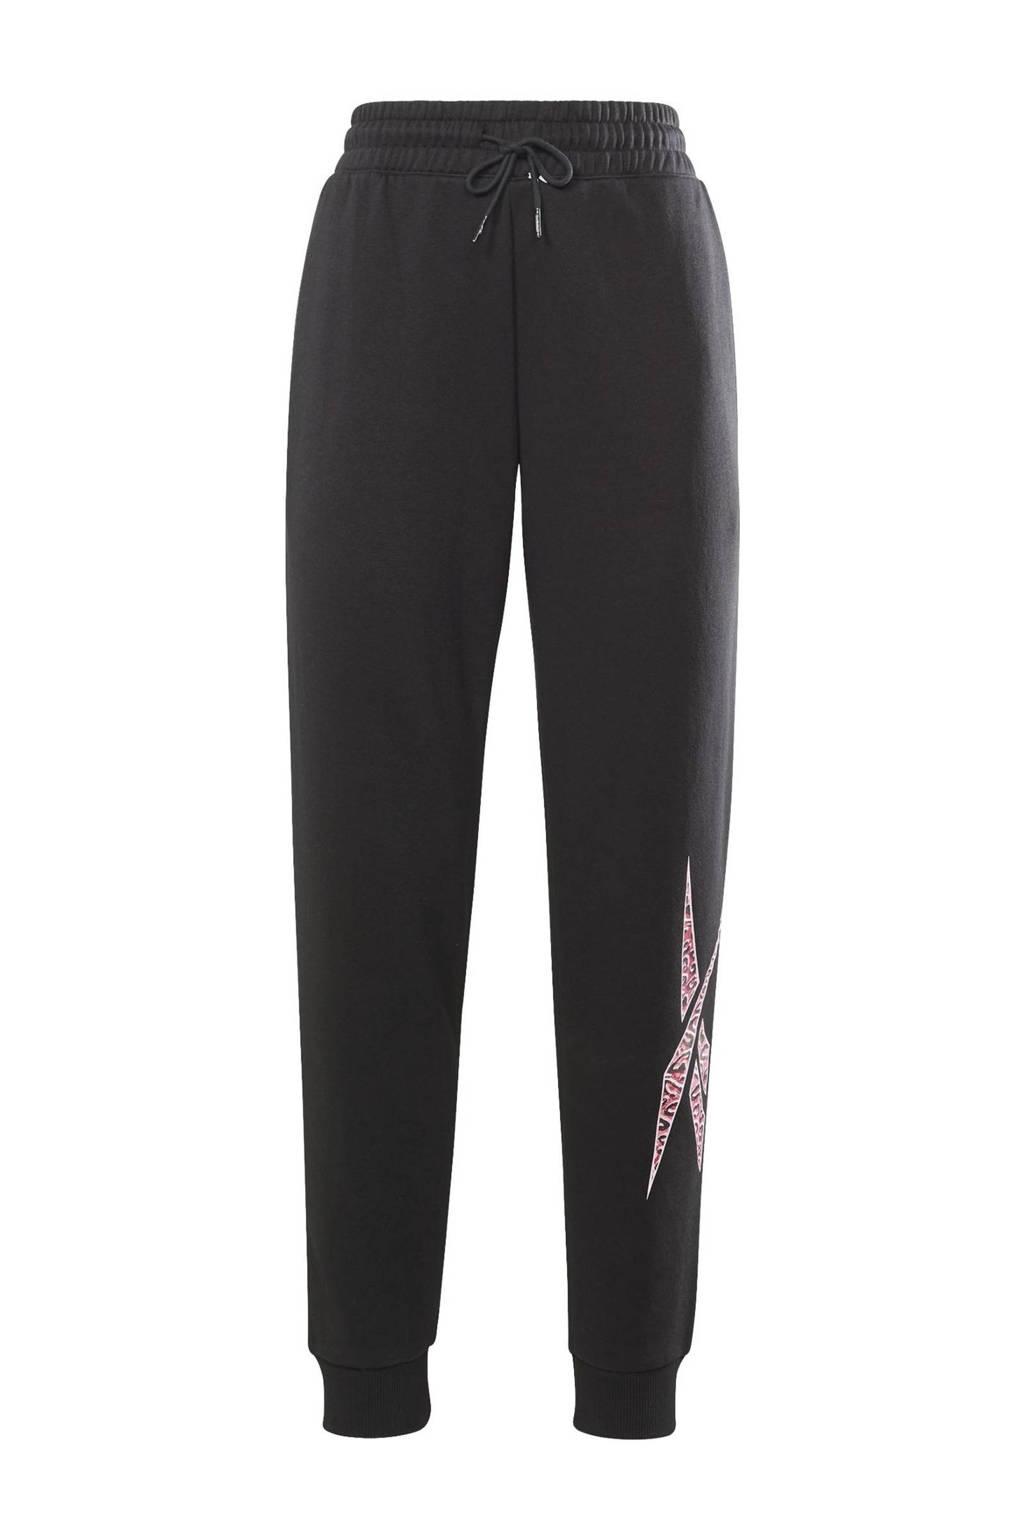 Reebok Training fleece joggingbroek zwart, Zwart